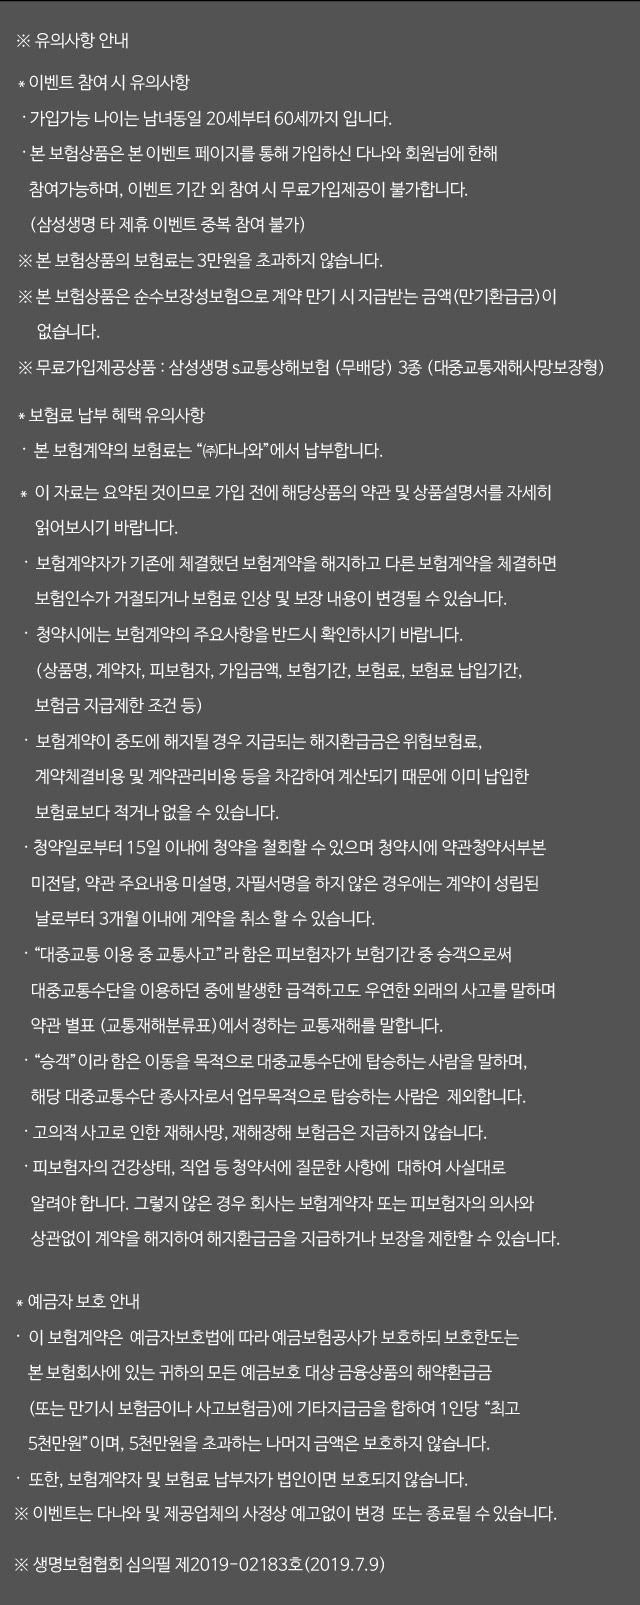 shinhan_05